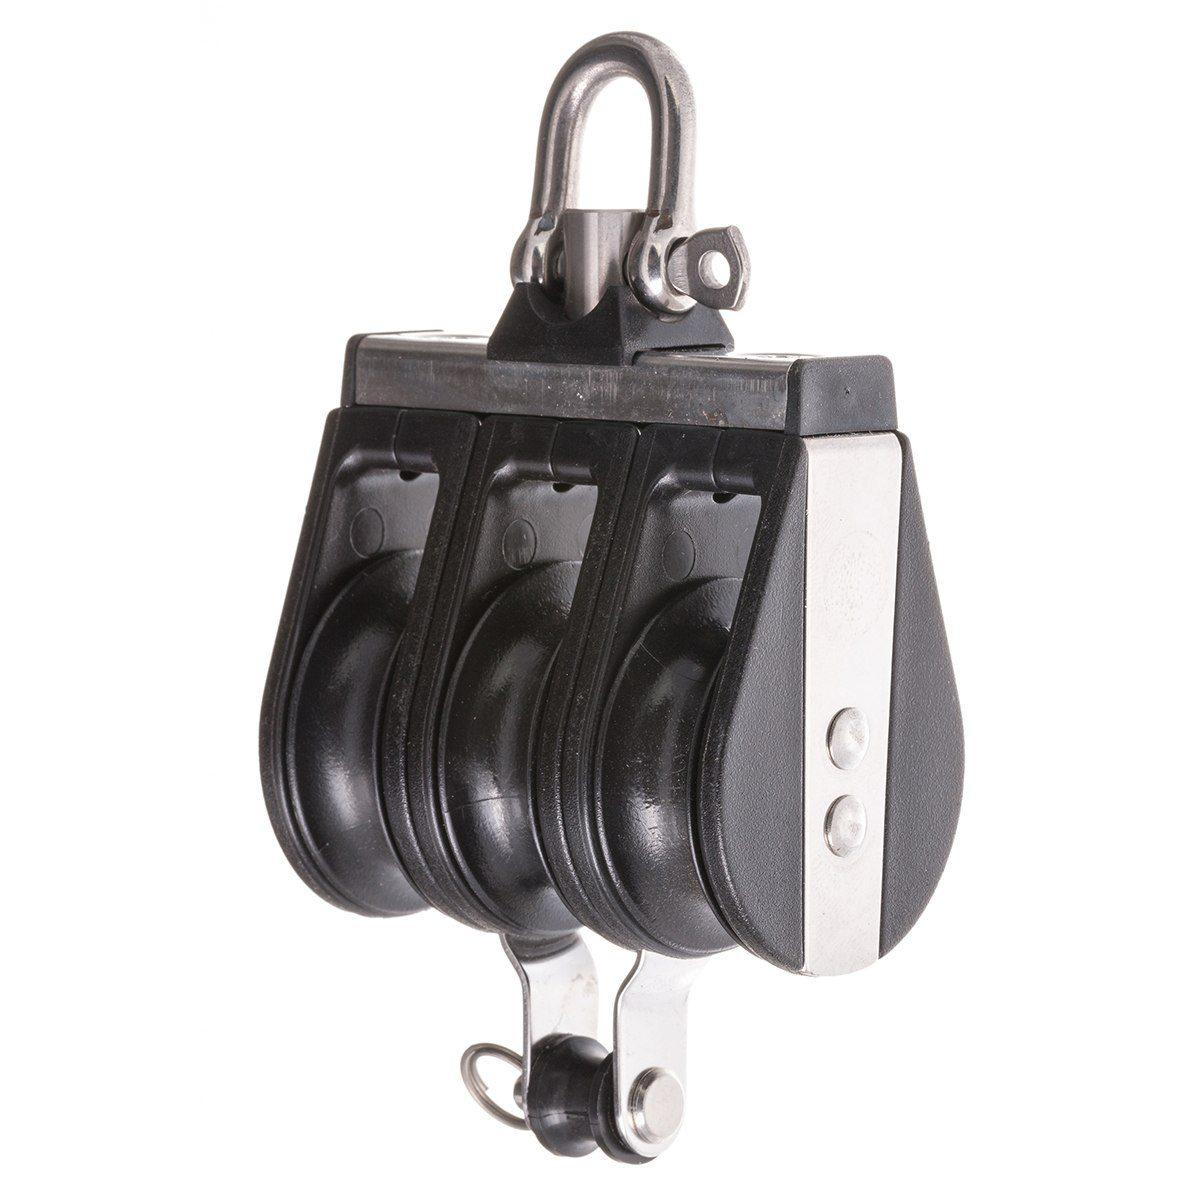 R5322 - 38 Macro Triple swivel & Becket (Pk Size: 1)